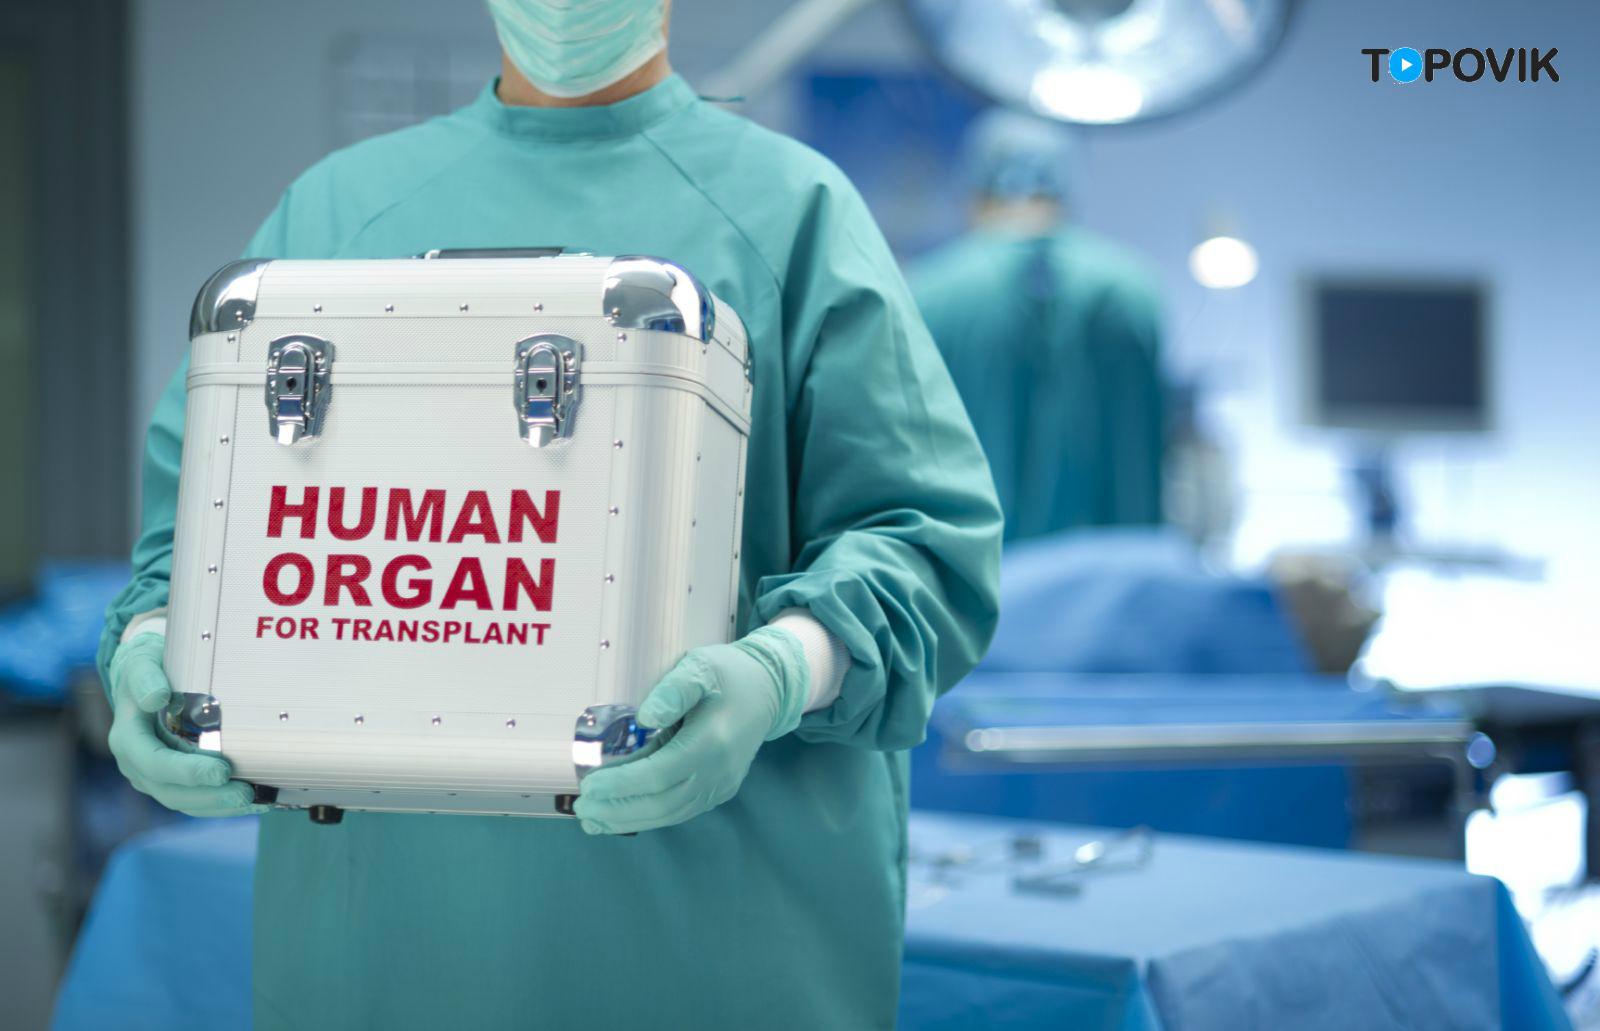 Сколько стоит человек. Цены на человеческие органы